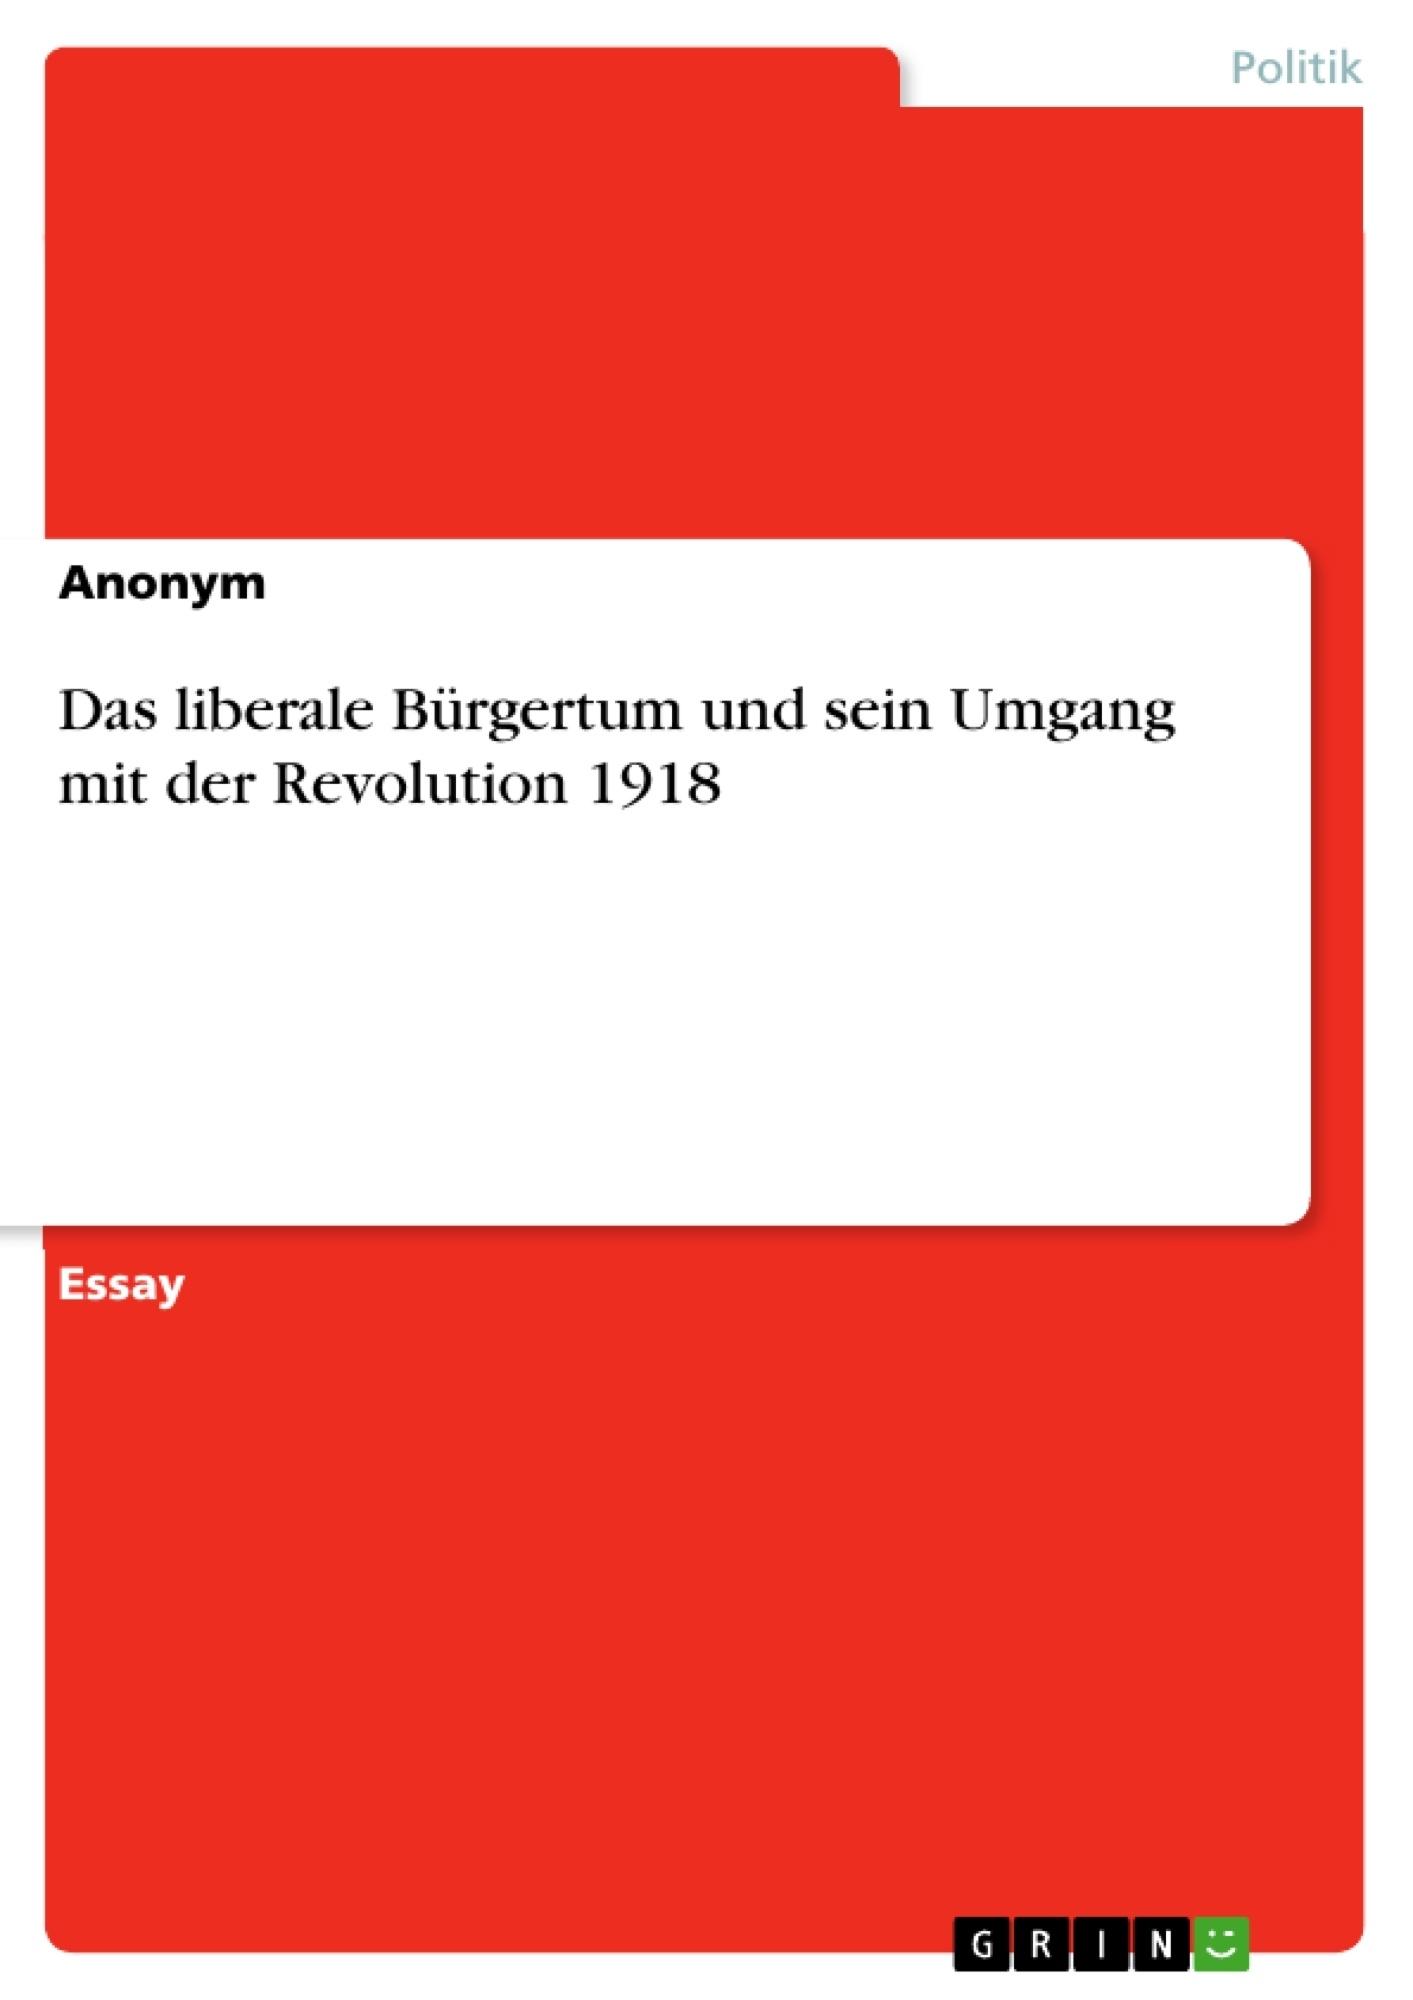 Titel: Das liberale Bürgertum und sein Umgang mit der Revolution 1918